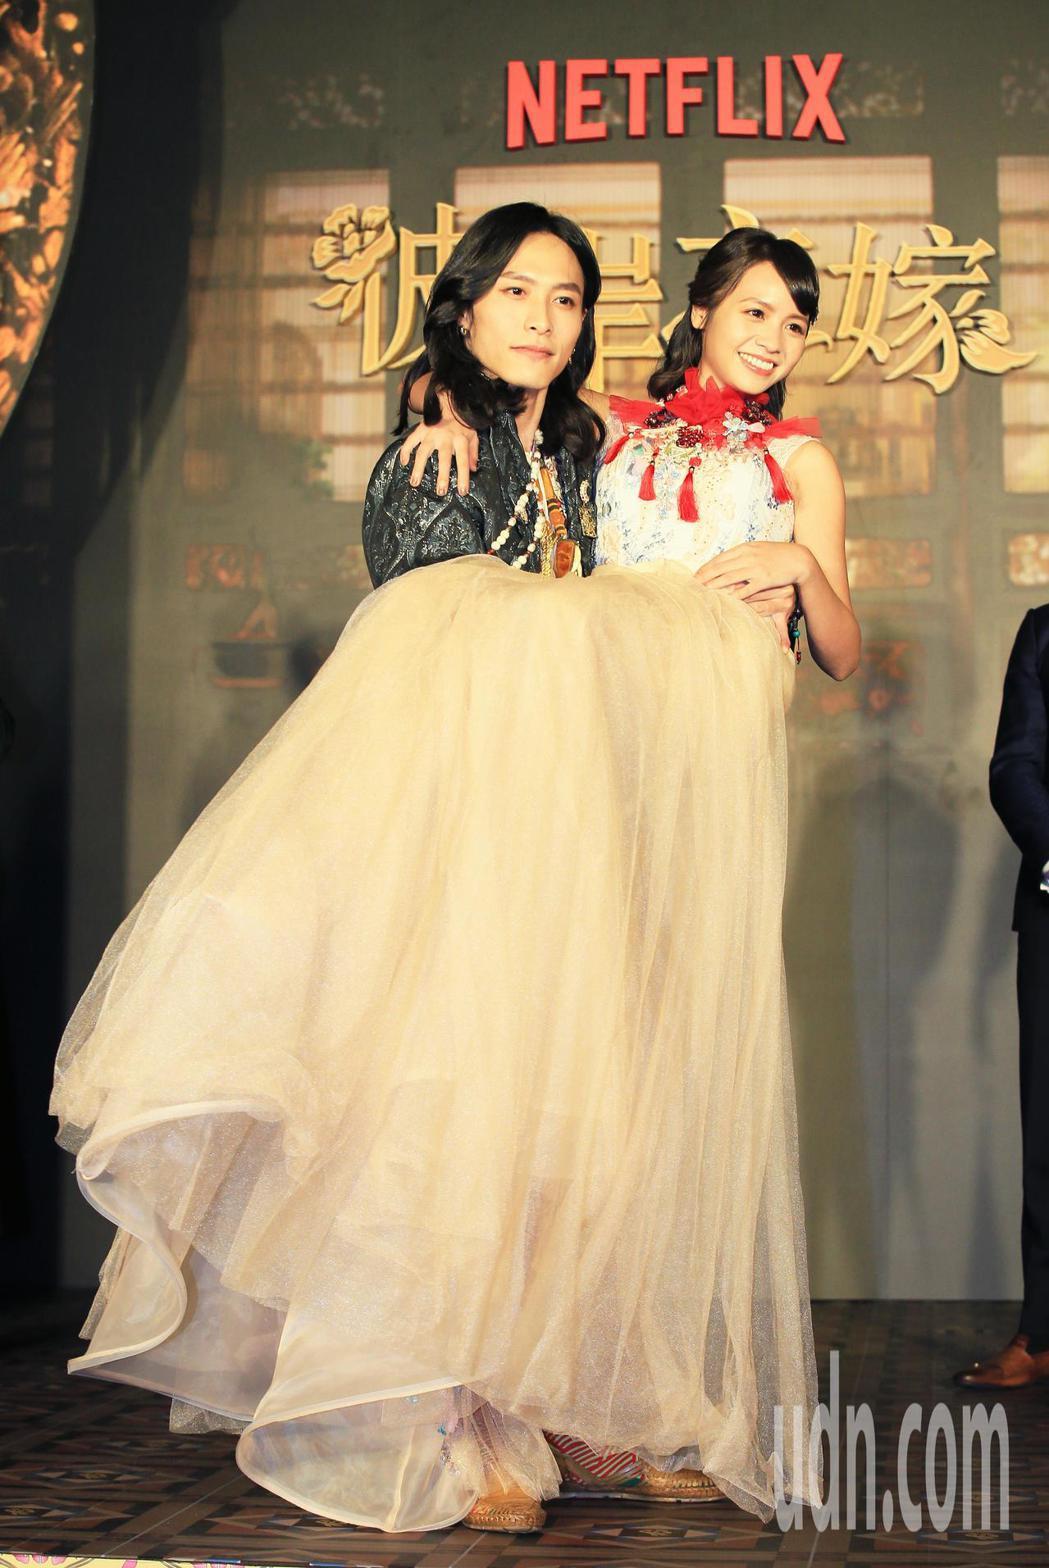 華語原創影集「彼岸之嫁」主要演員田士廣(左)抱起黃姵嘉。記者潘俊宏/攝影